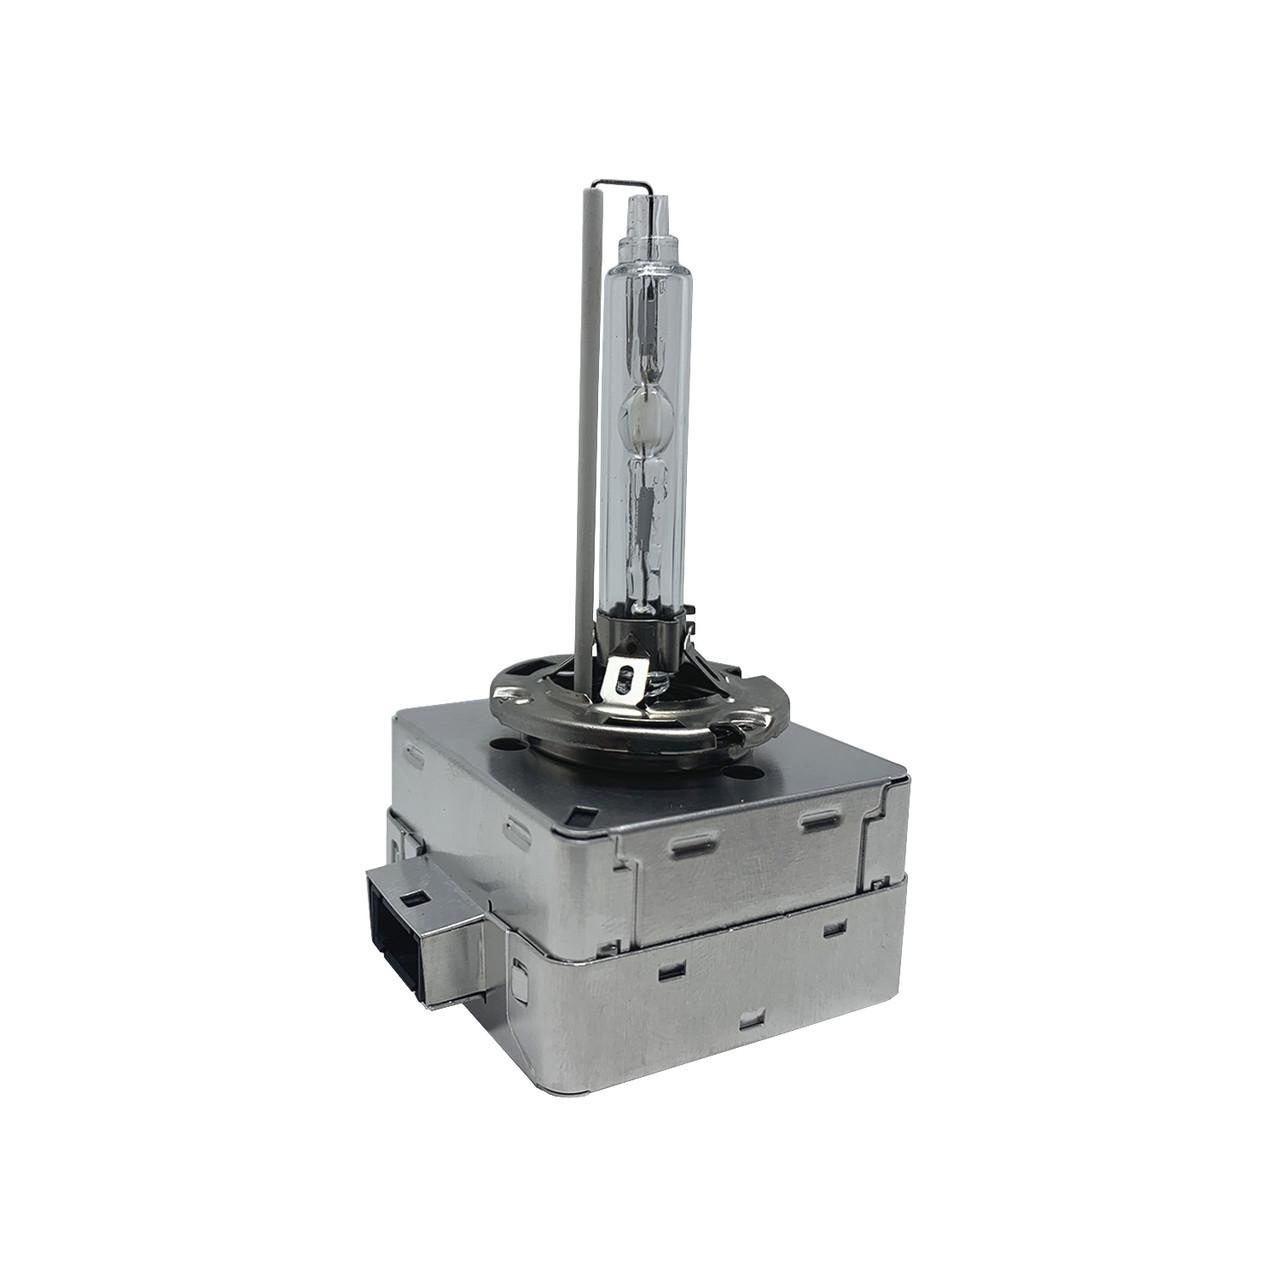 Ксеноновая лампа TORSSEN EXPERT D1S 4300K 1 штука (20200069)